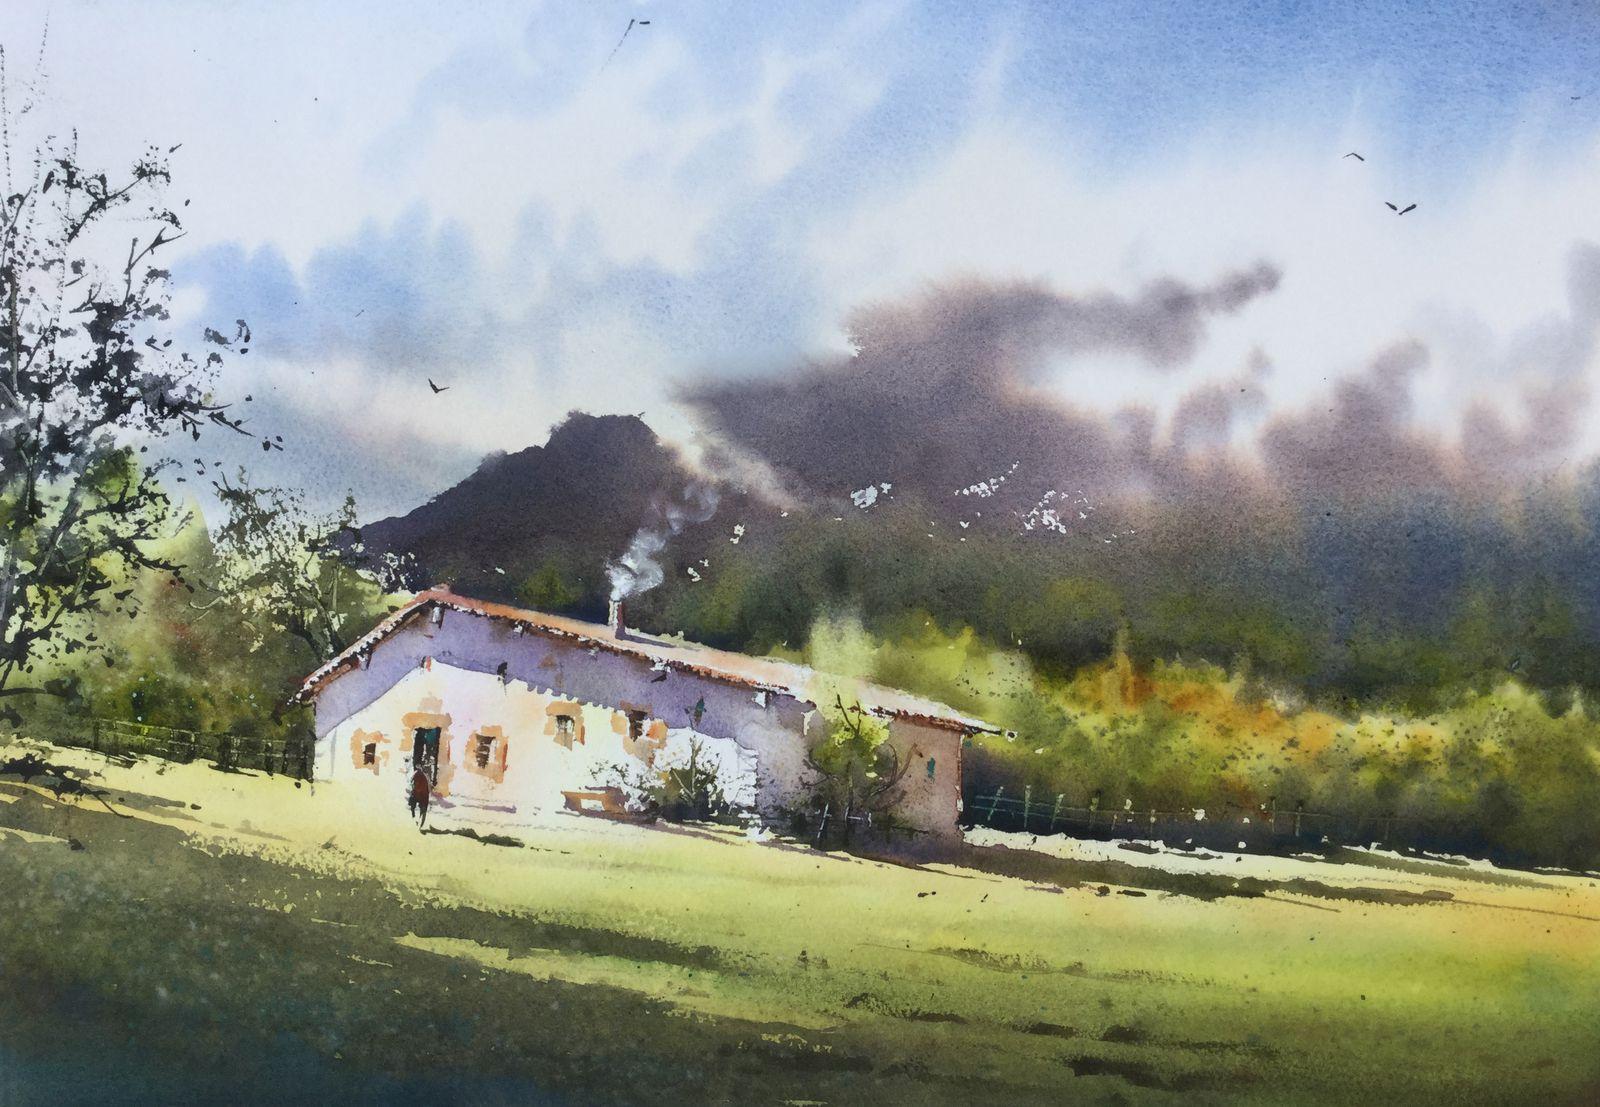 Séjour artistique dans les Landes: domaine de Preuilh Morcenx 40110 Stage d'aquarelle en immersion totale avec Thierry de Marichalar